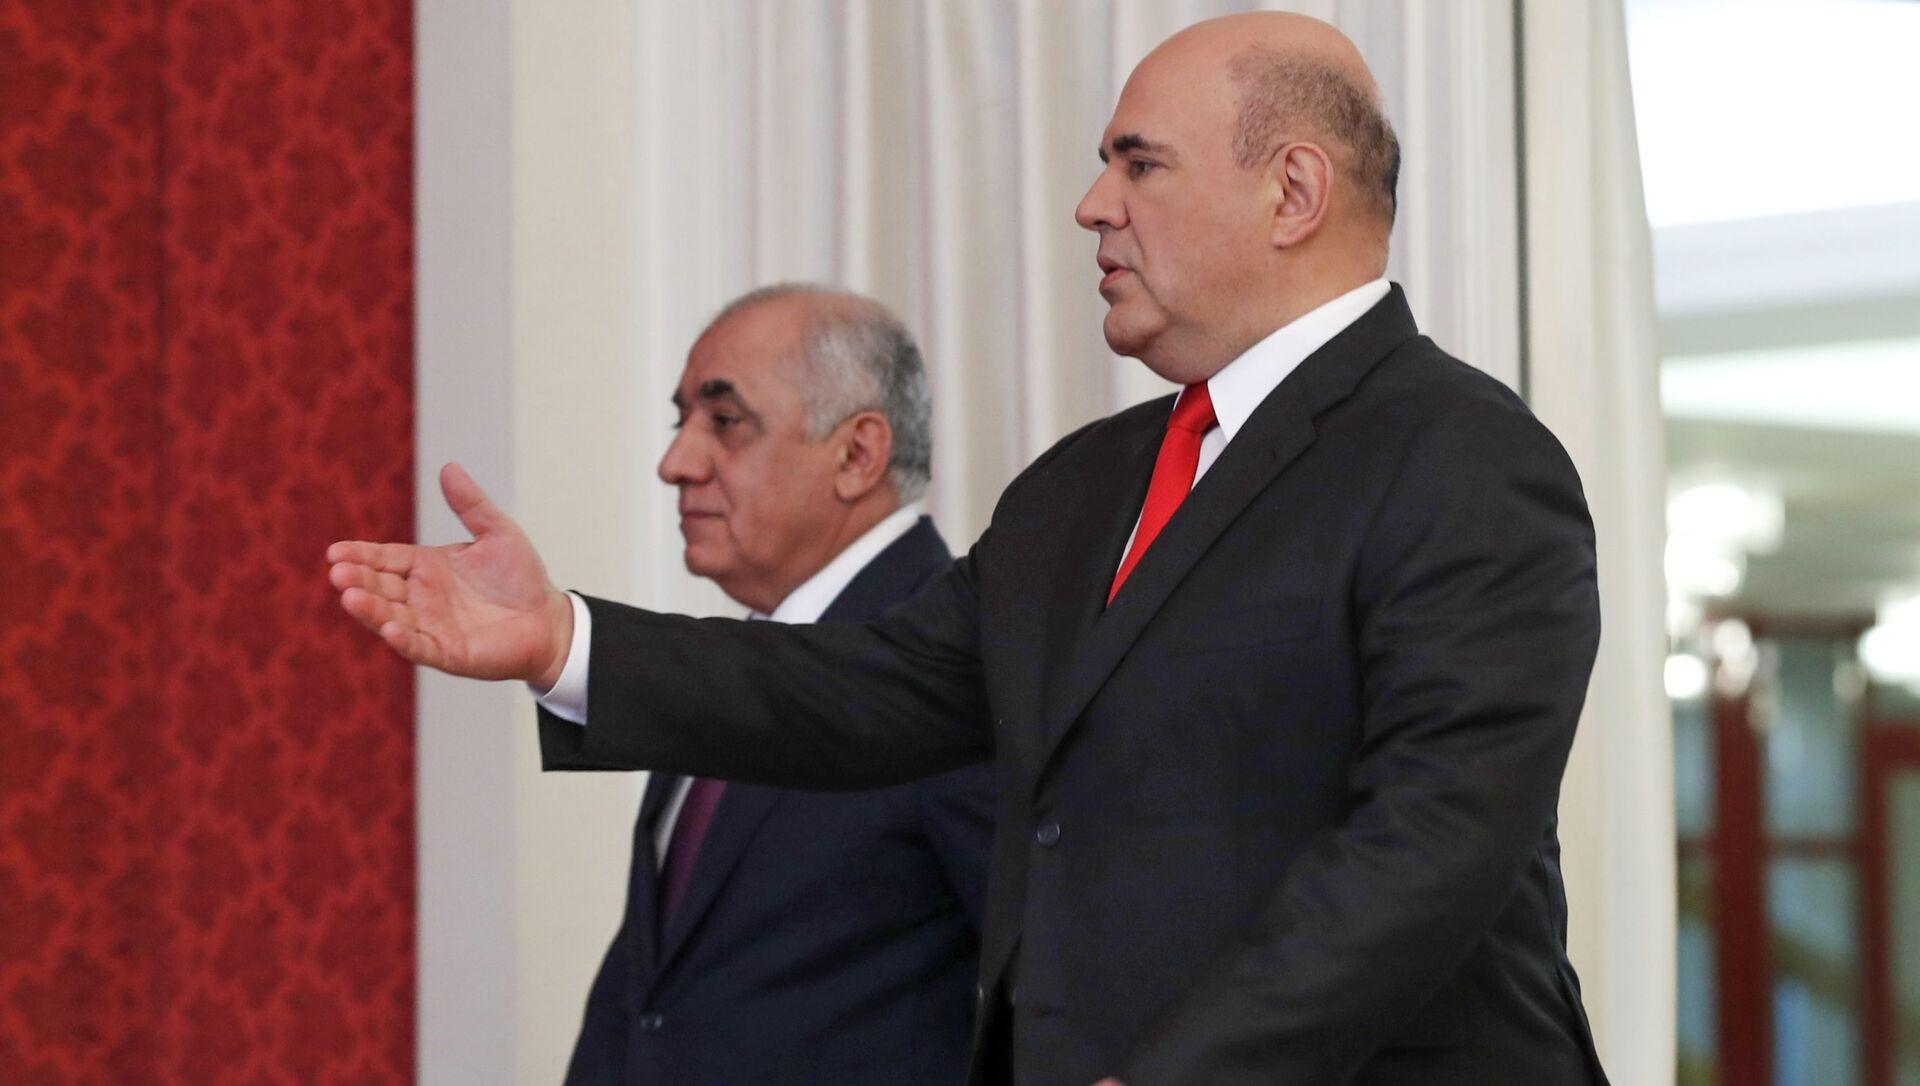 Председатель правительства РФ Михаил Мишустин и премьер-министр Азербайджана Али Асадов (слева) во время встречи, 20 мая 2021 - Sputnik Azərbaycan, 1920, 09.09.2021